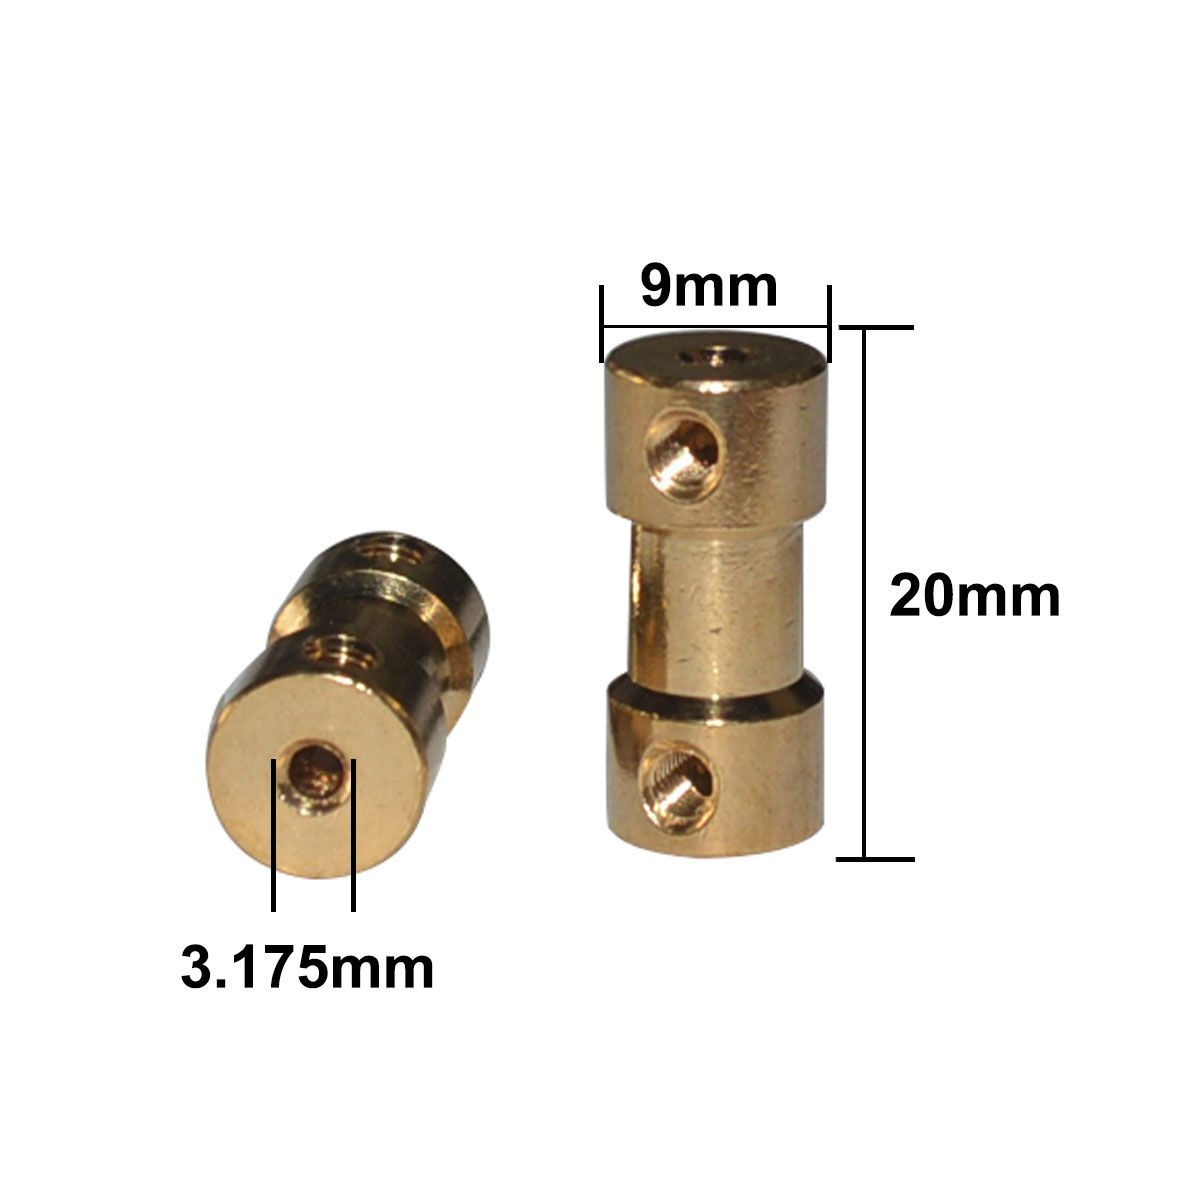 2x Acoplador de Latão para Motor eixo 3,175mm em ambos os lados